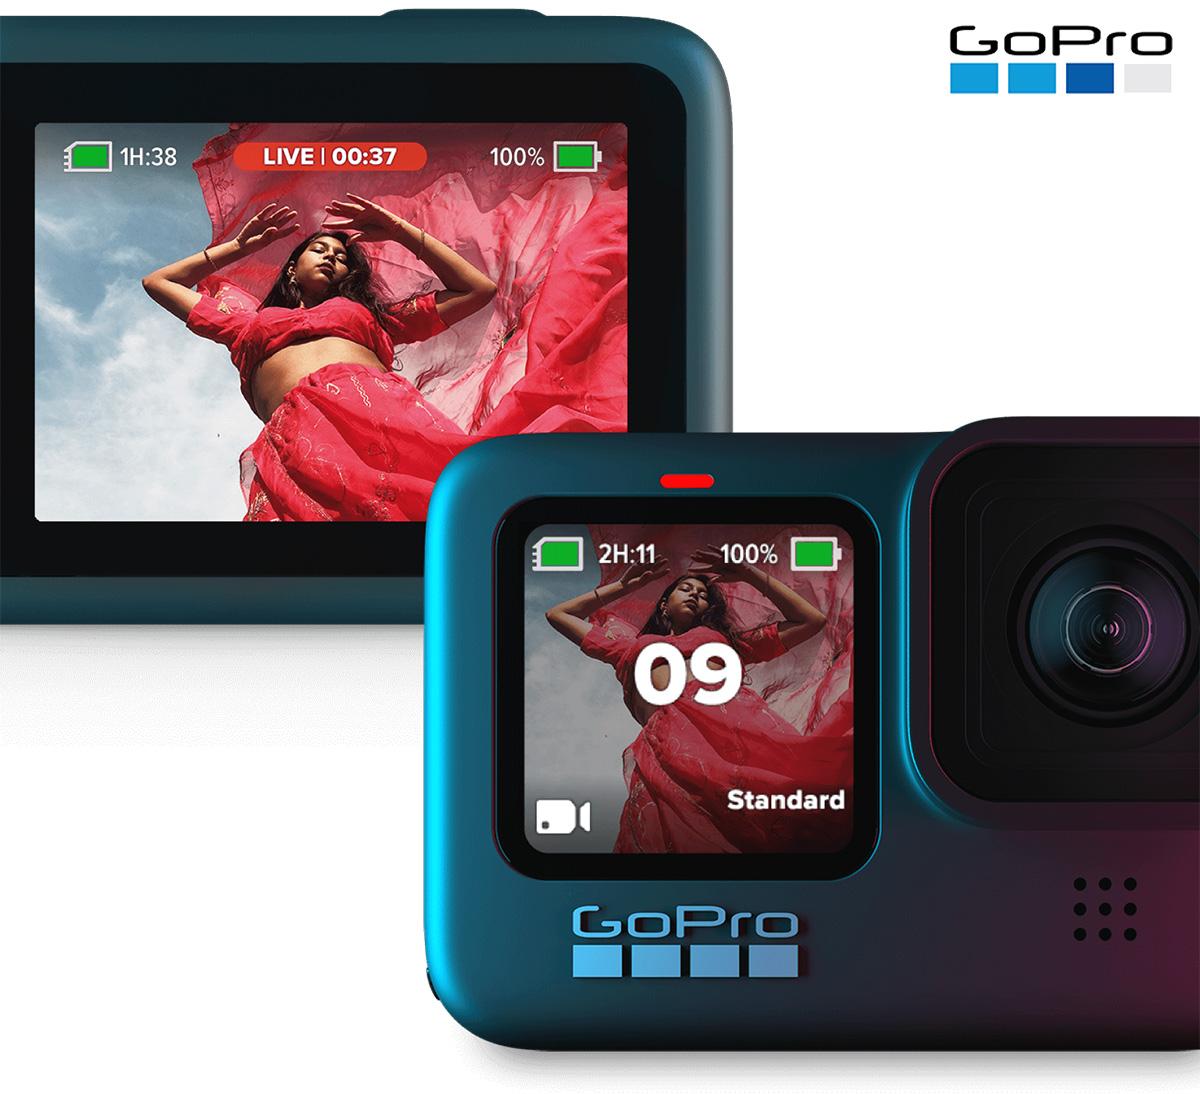 La GoPro HERO9 Black con i relativi display vista frontalmente e posteriormente